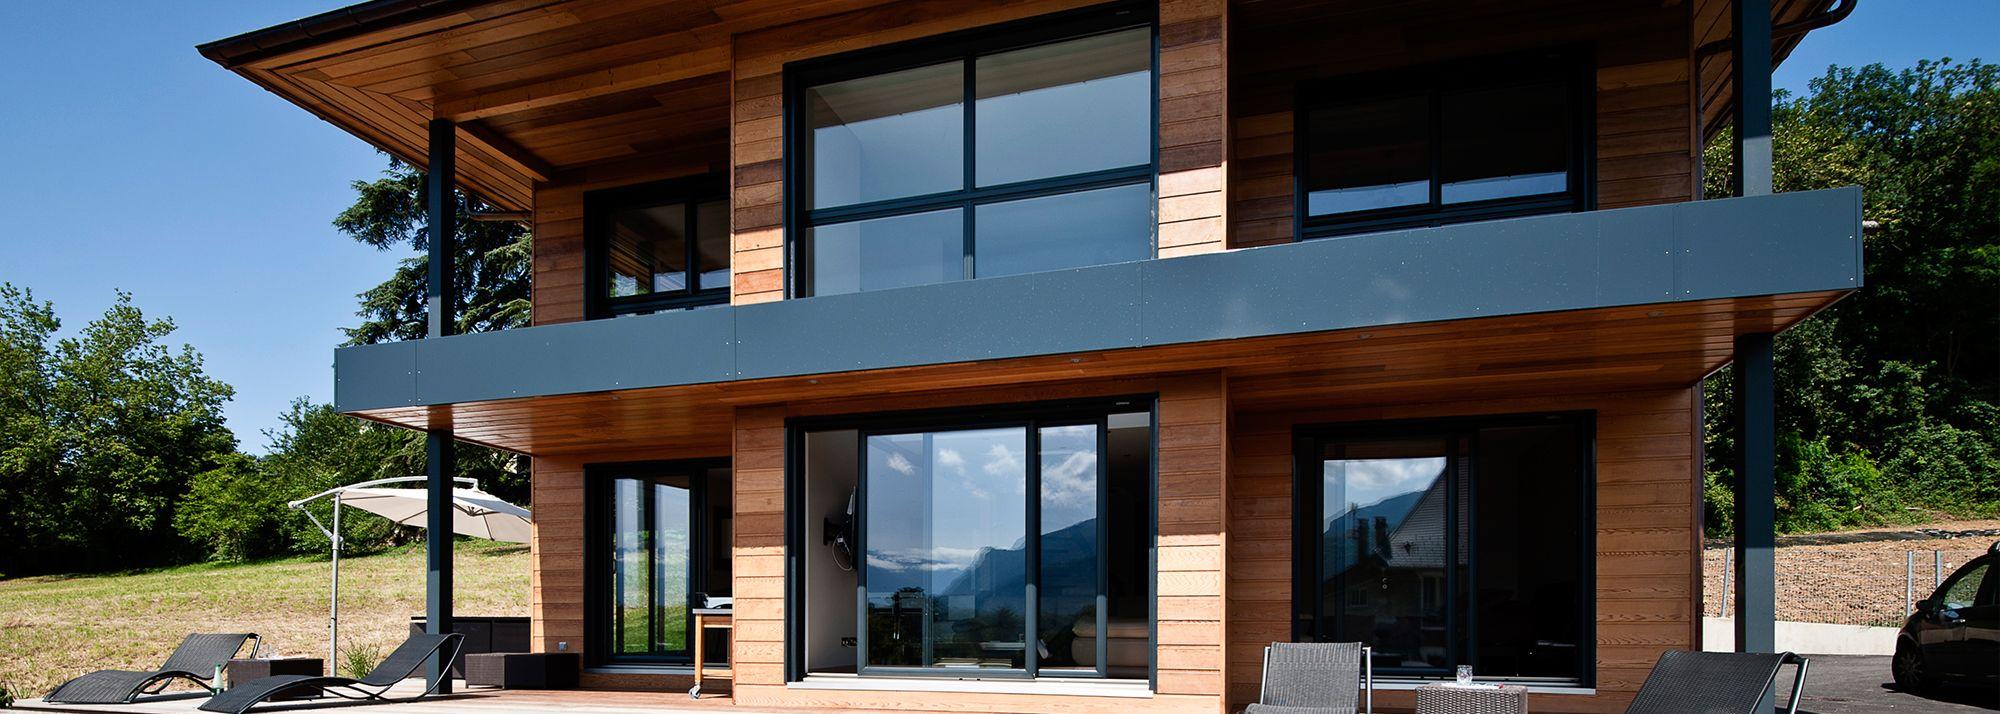 Scmc maisons ossature bois savoie maisons ossature bois haute maison bois en 2019 for Constructeur chalet prix